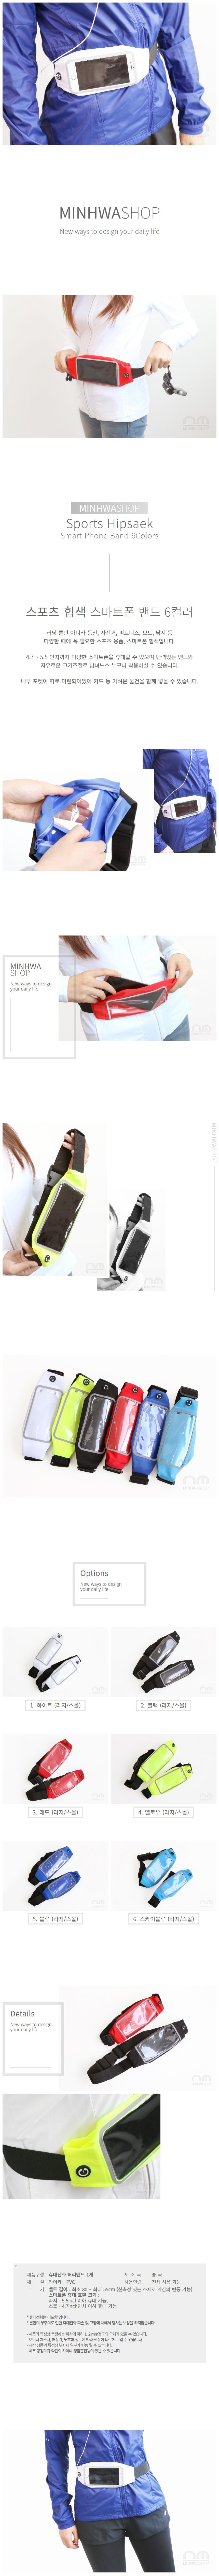 스포츠힙색 스마트폰 허리벨트 포켓 - 민화샵, 4,200원, 케이스, 기타 스마트폰